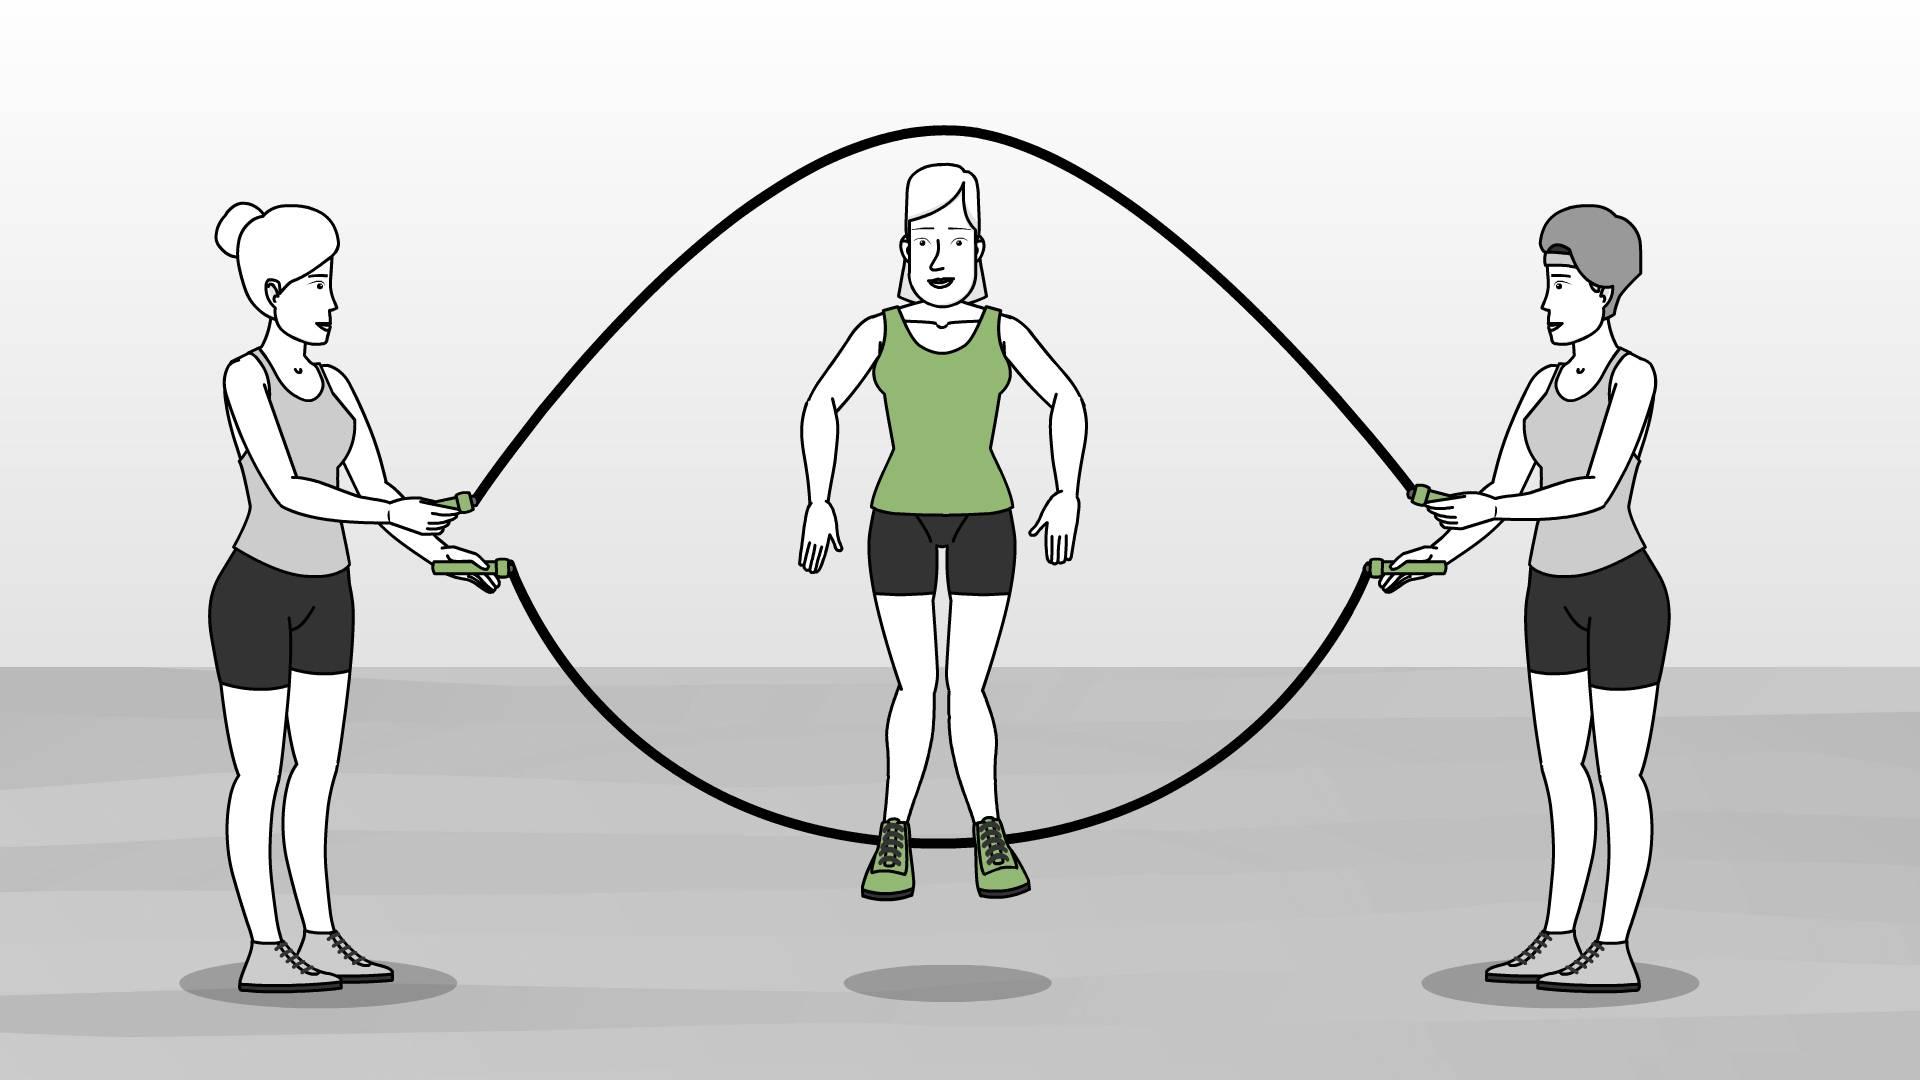 Прыжки на скакалке для похудения: советы и рекомендации